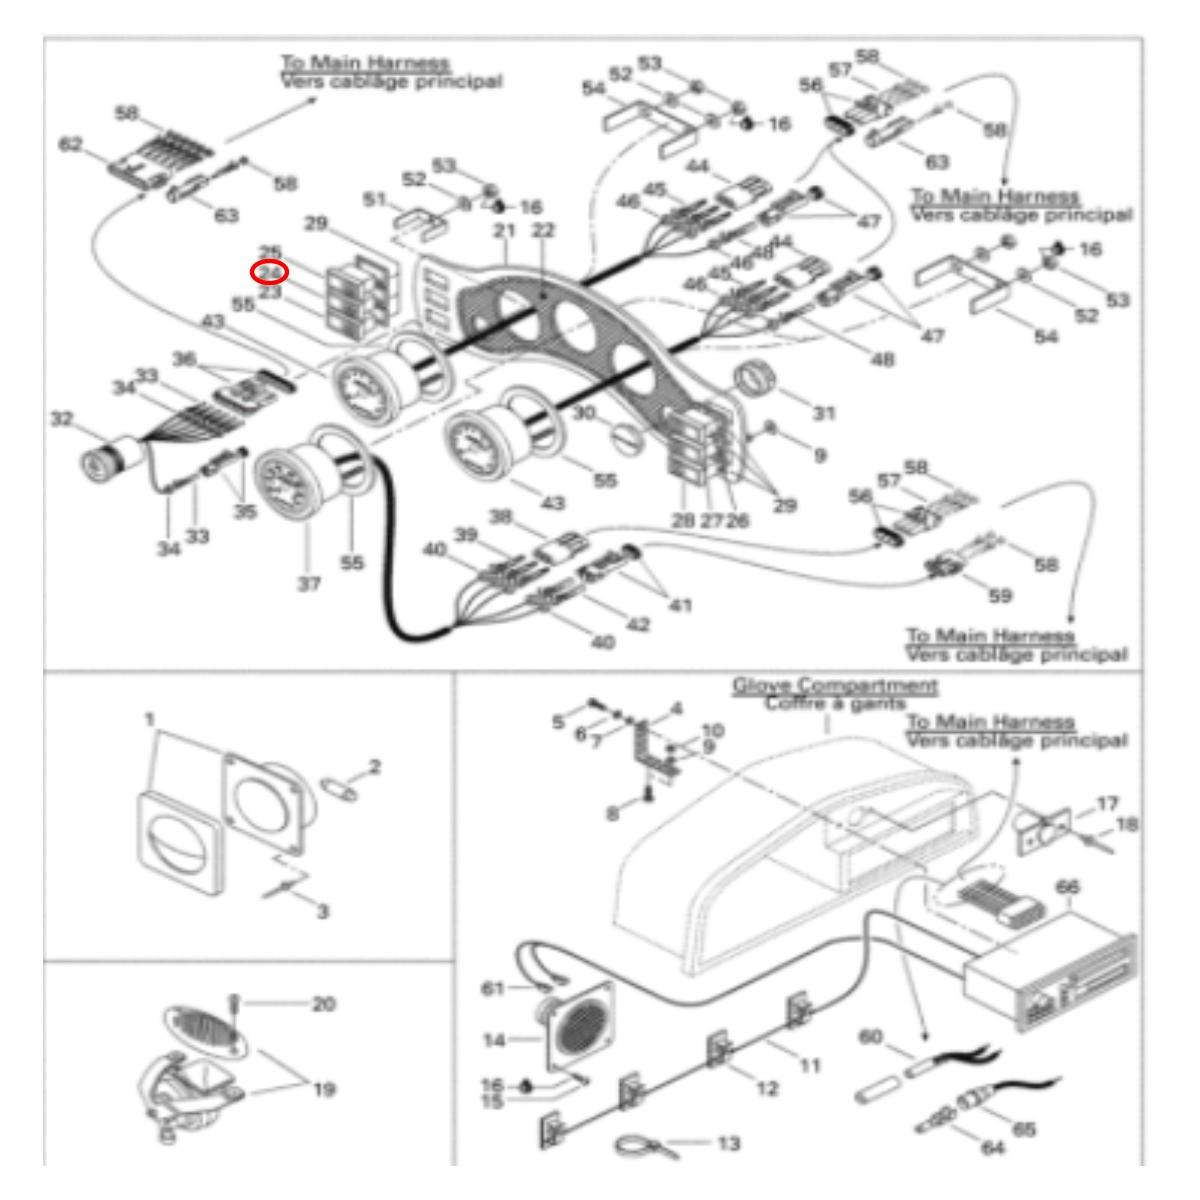 Botão Bomba de Porão do Challenger 1800 para Jet Ski Sea Doo  - Radical Peças - Peças para Jet Ski